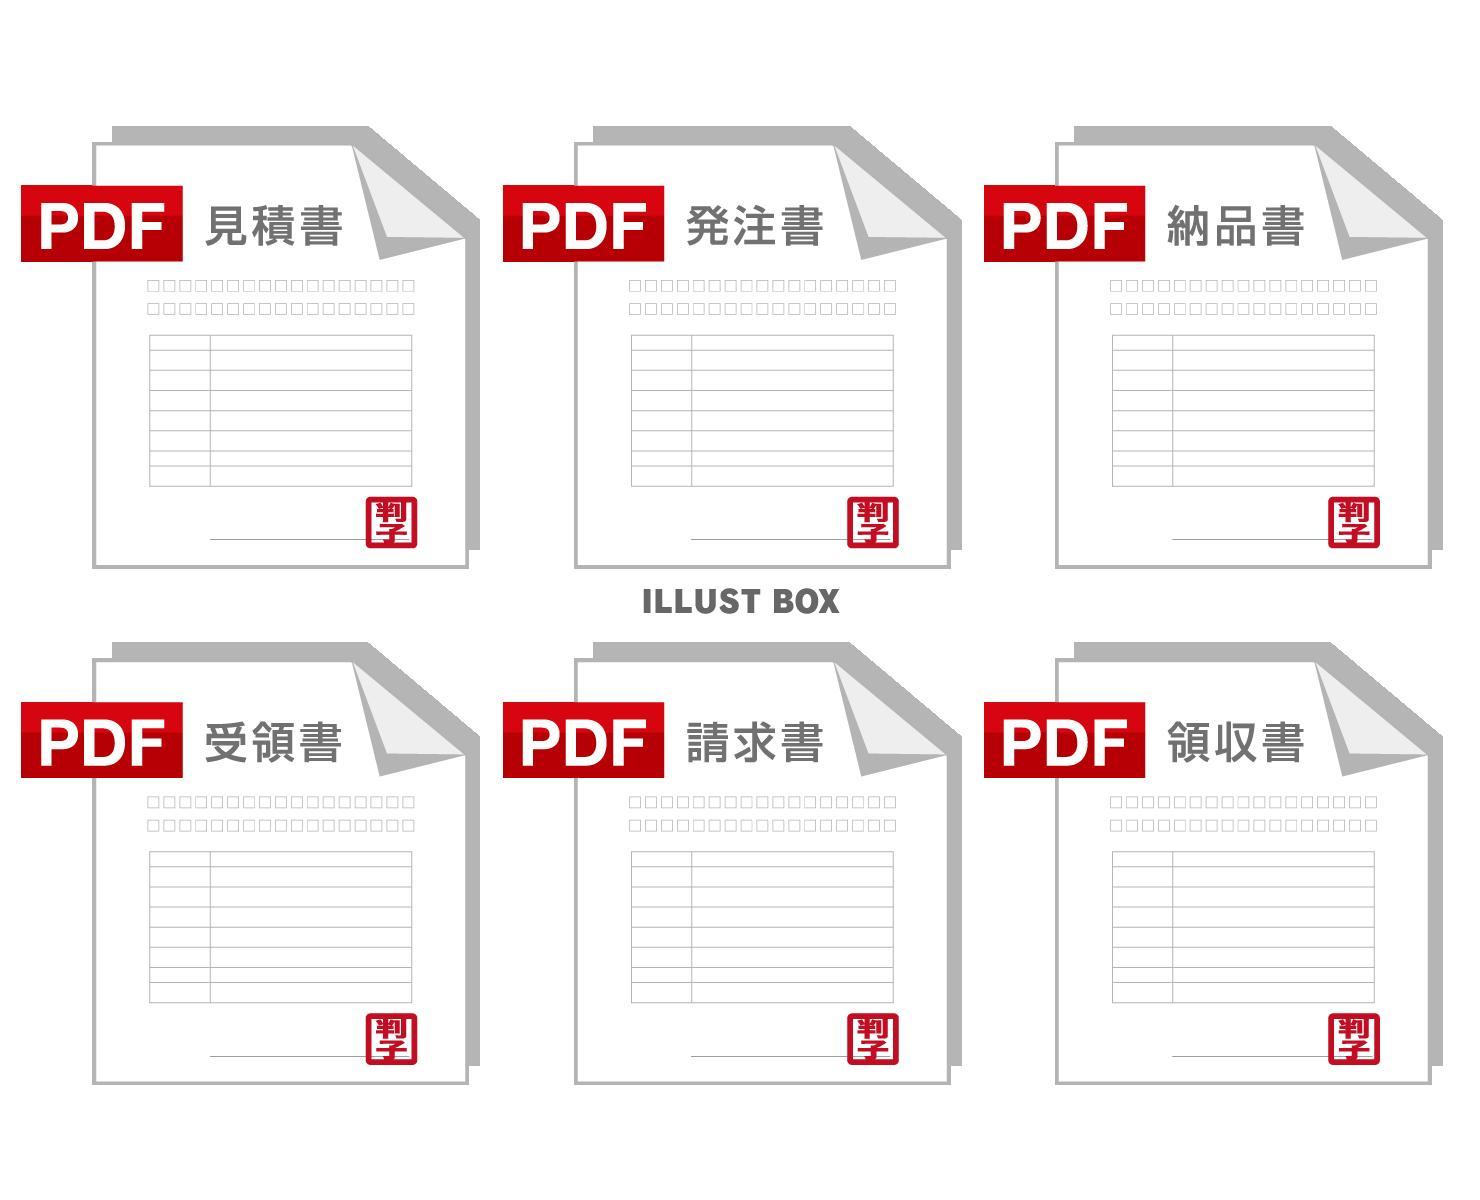 pdf 横 縦に保存